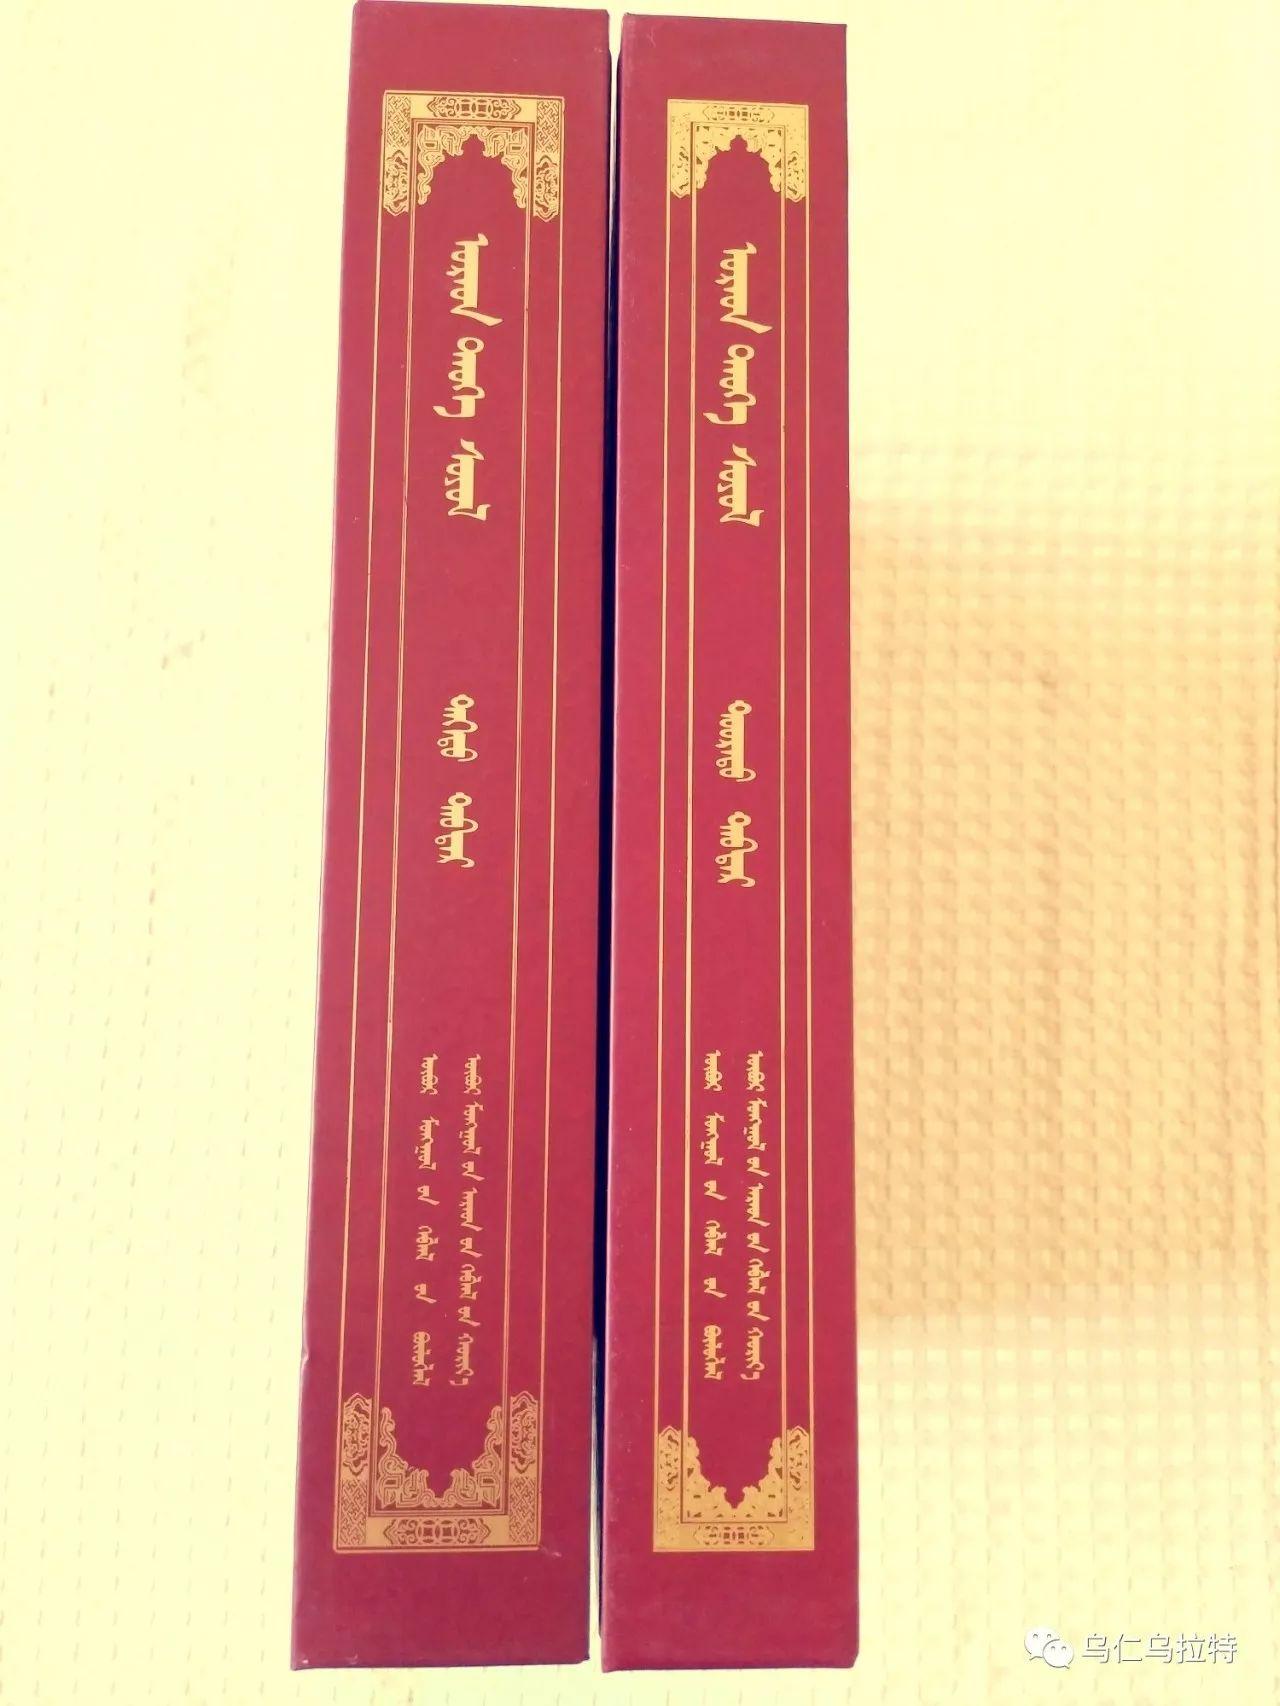 图书介绍《乌拉特历史文化》 第6张